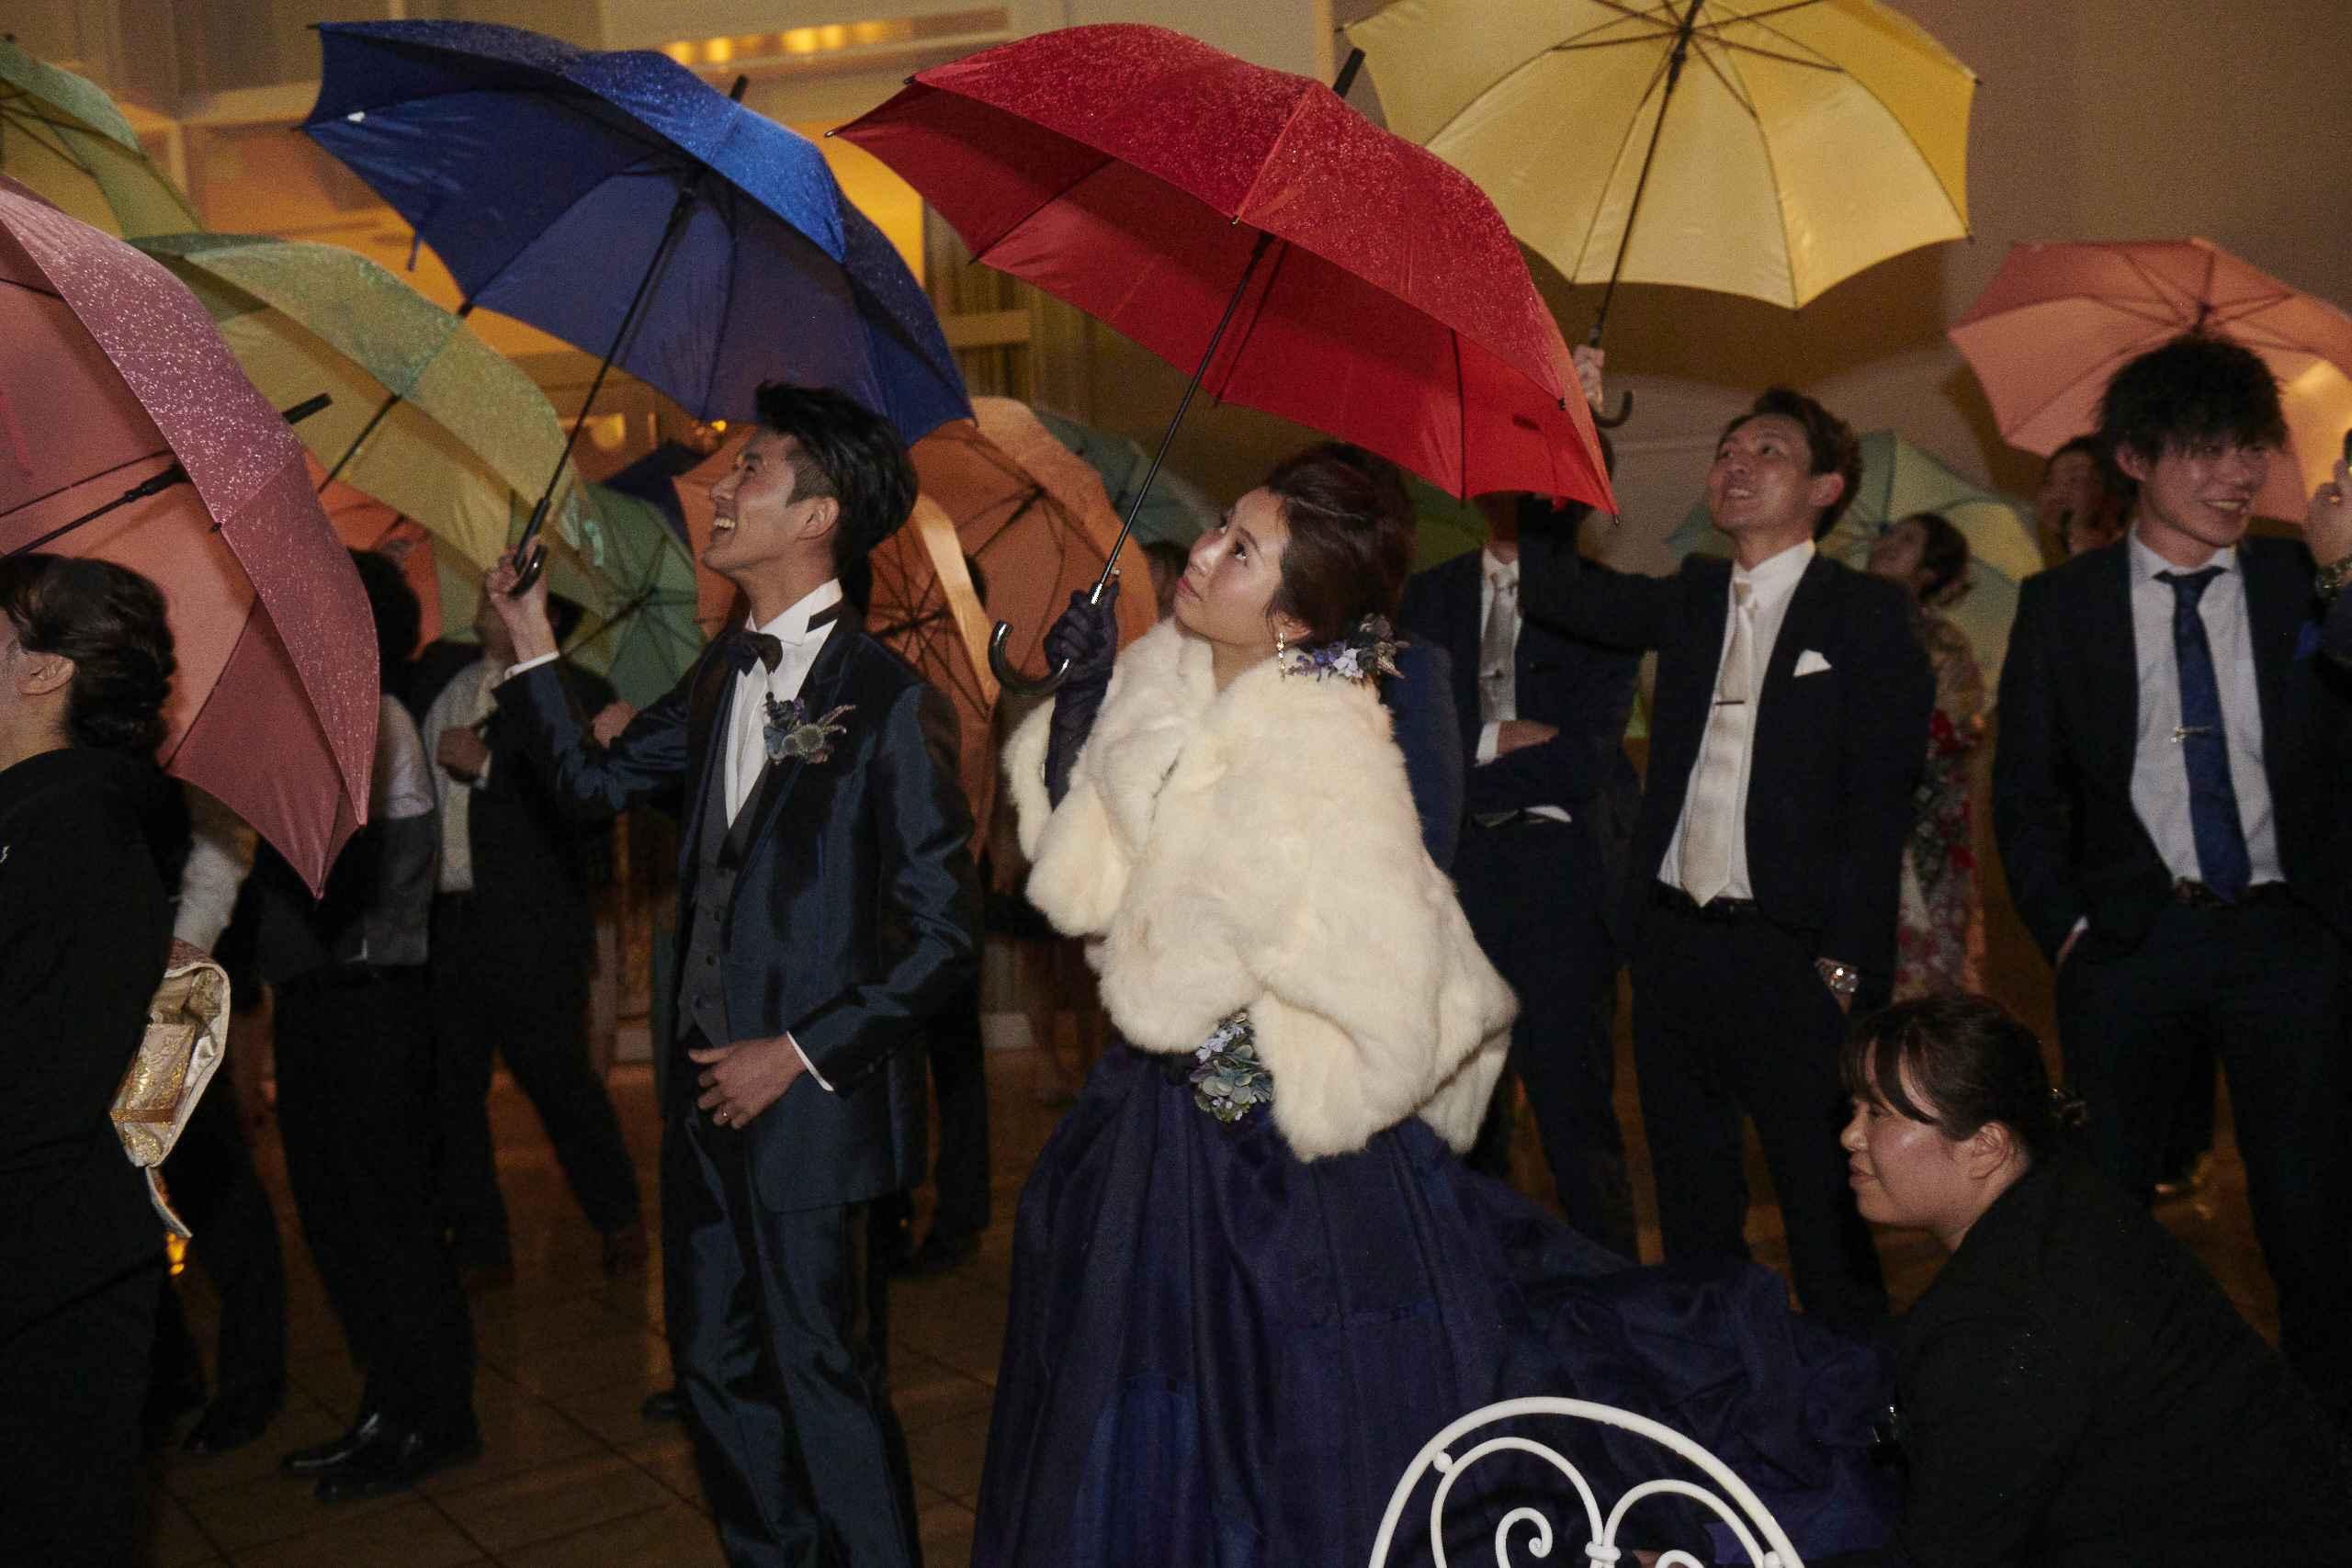 徳島市の結婚式場ブランアンジュで傘をさして花火を見る新郎新婦様とゲスト様